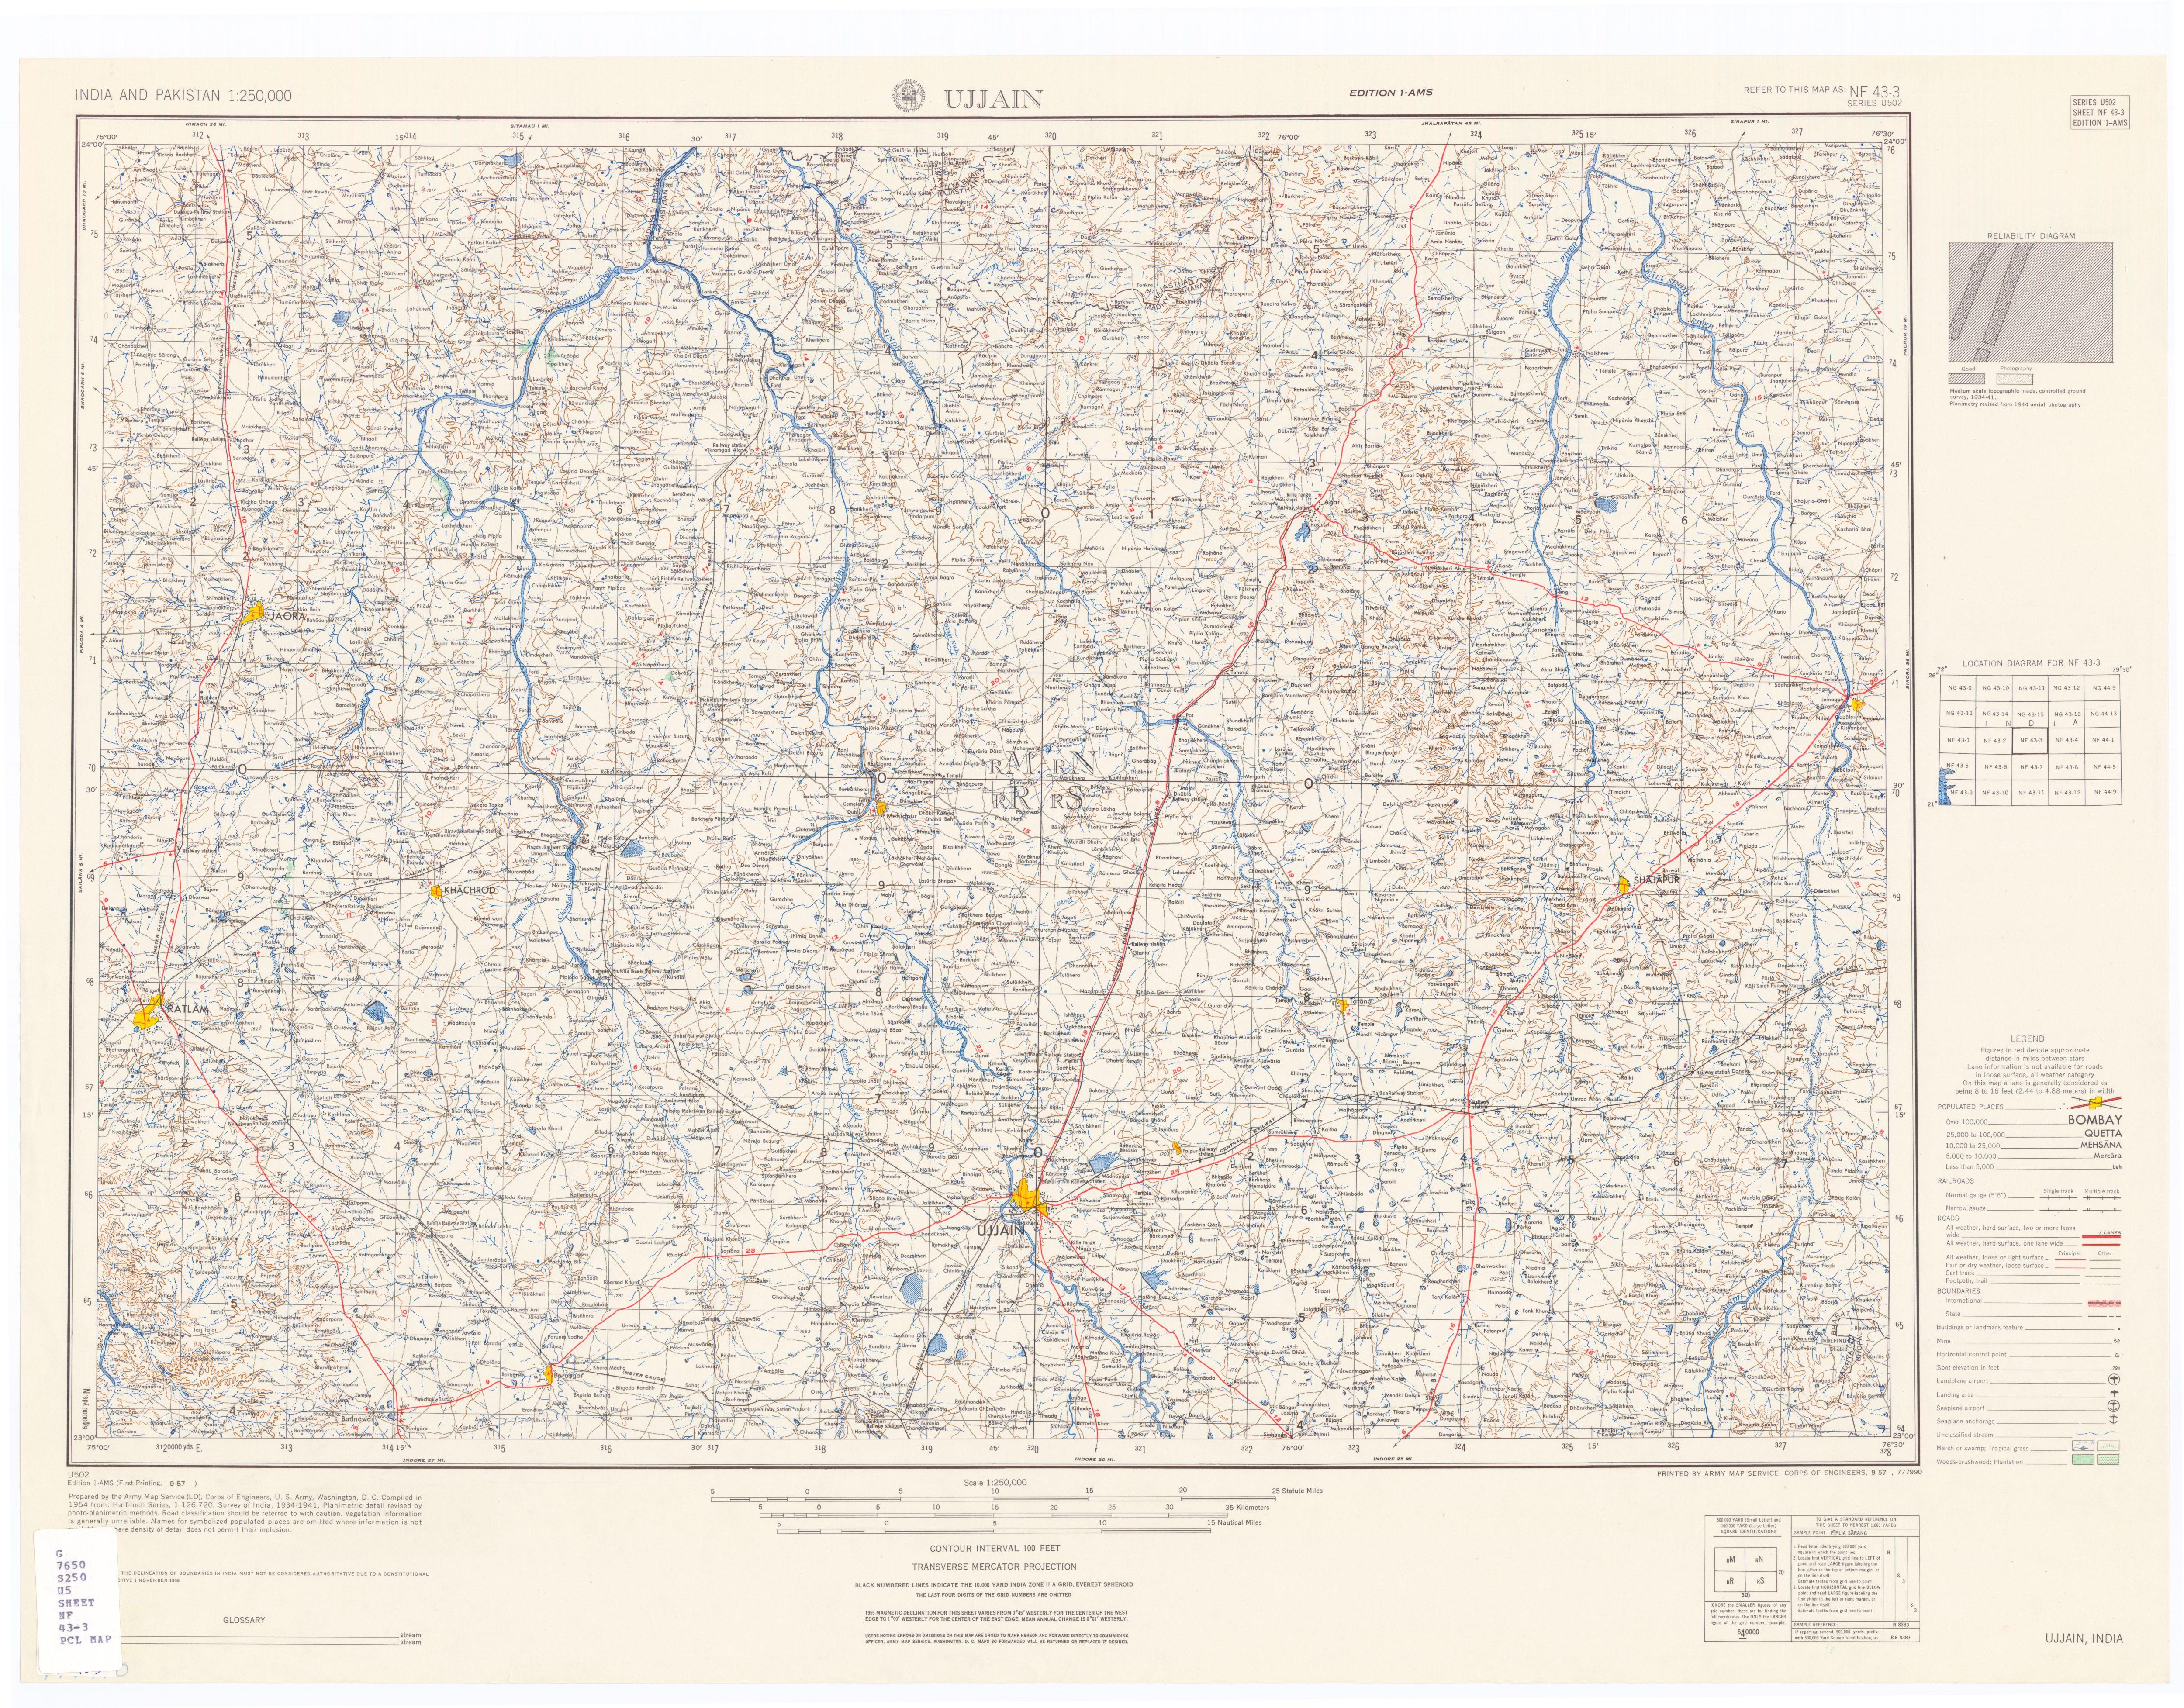 Ujjain India Map File Map India And Pakistan